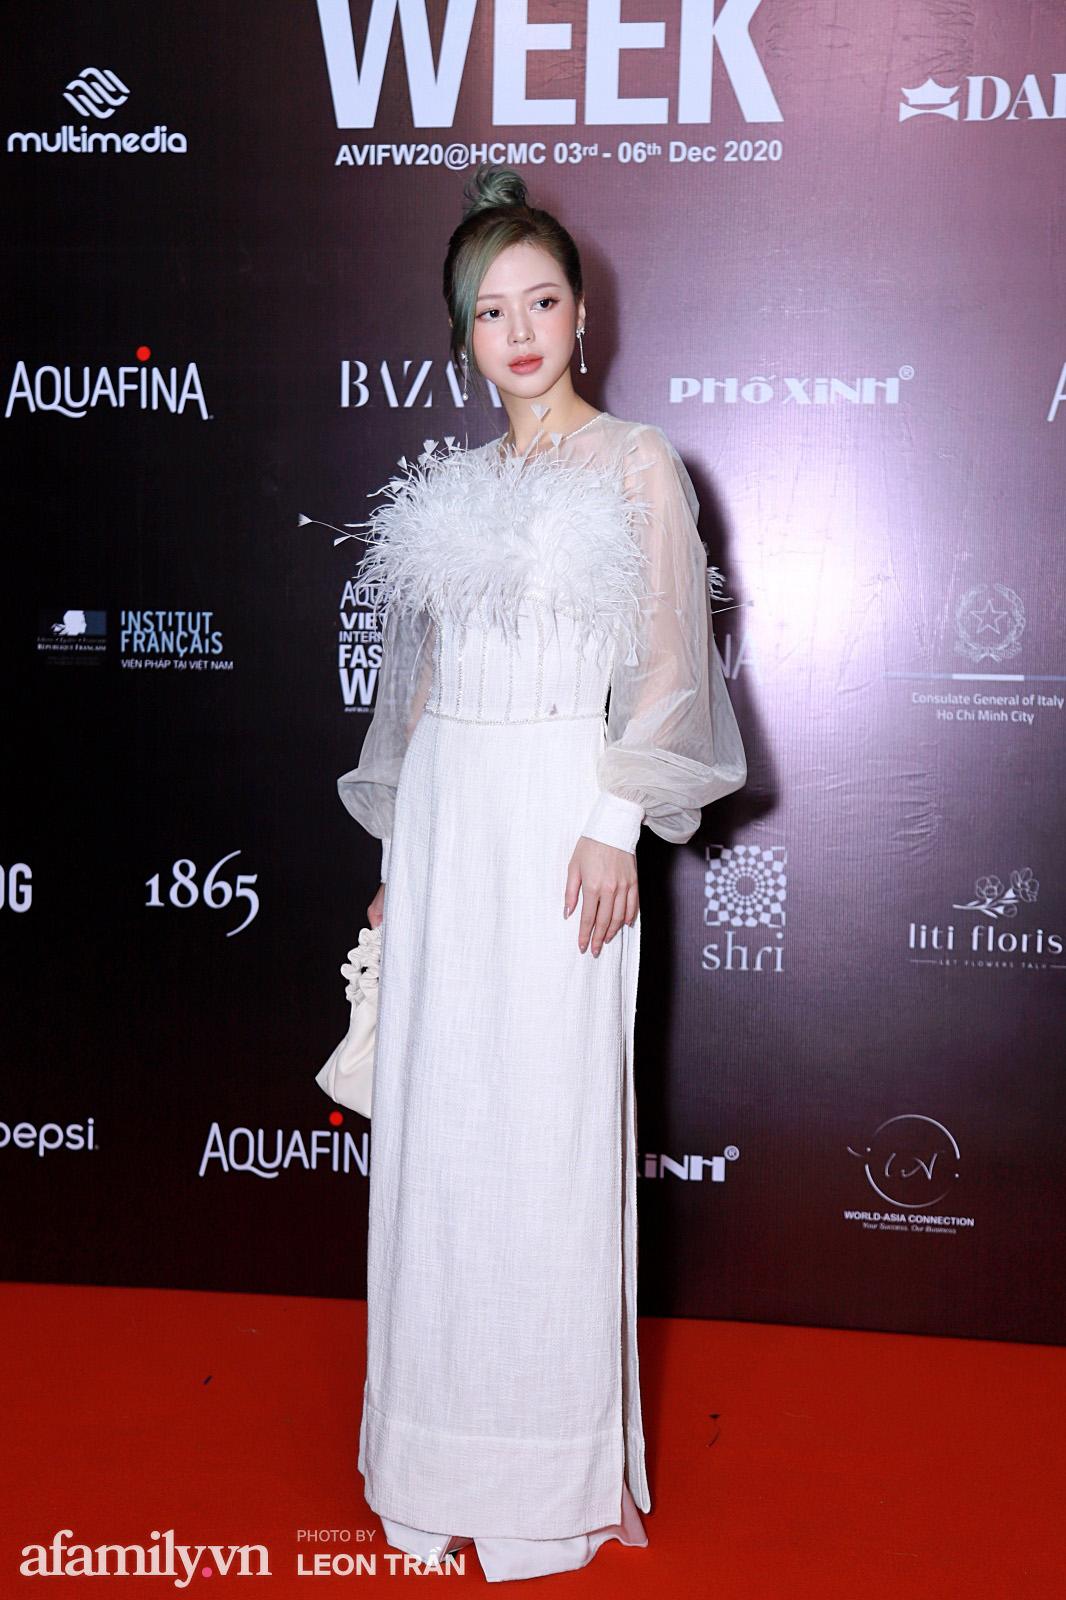 Thảm đỏ Aquafina Vietnam International Fashion Week 2020 ngày 3: Nhã Phương trẻ xinh trong bộ ren trắng, Diệu Nhi nhìn khác lạ trong bộ áo dài cách tân  - Ảnh 6.